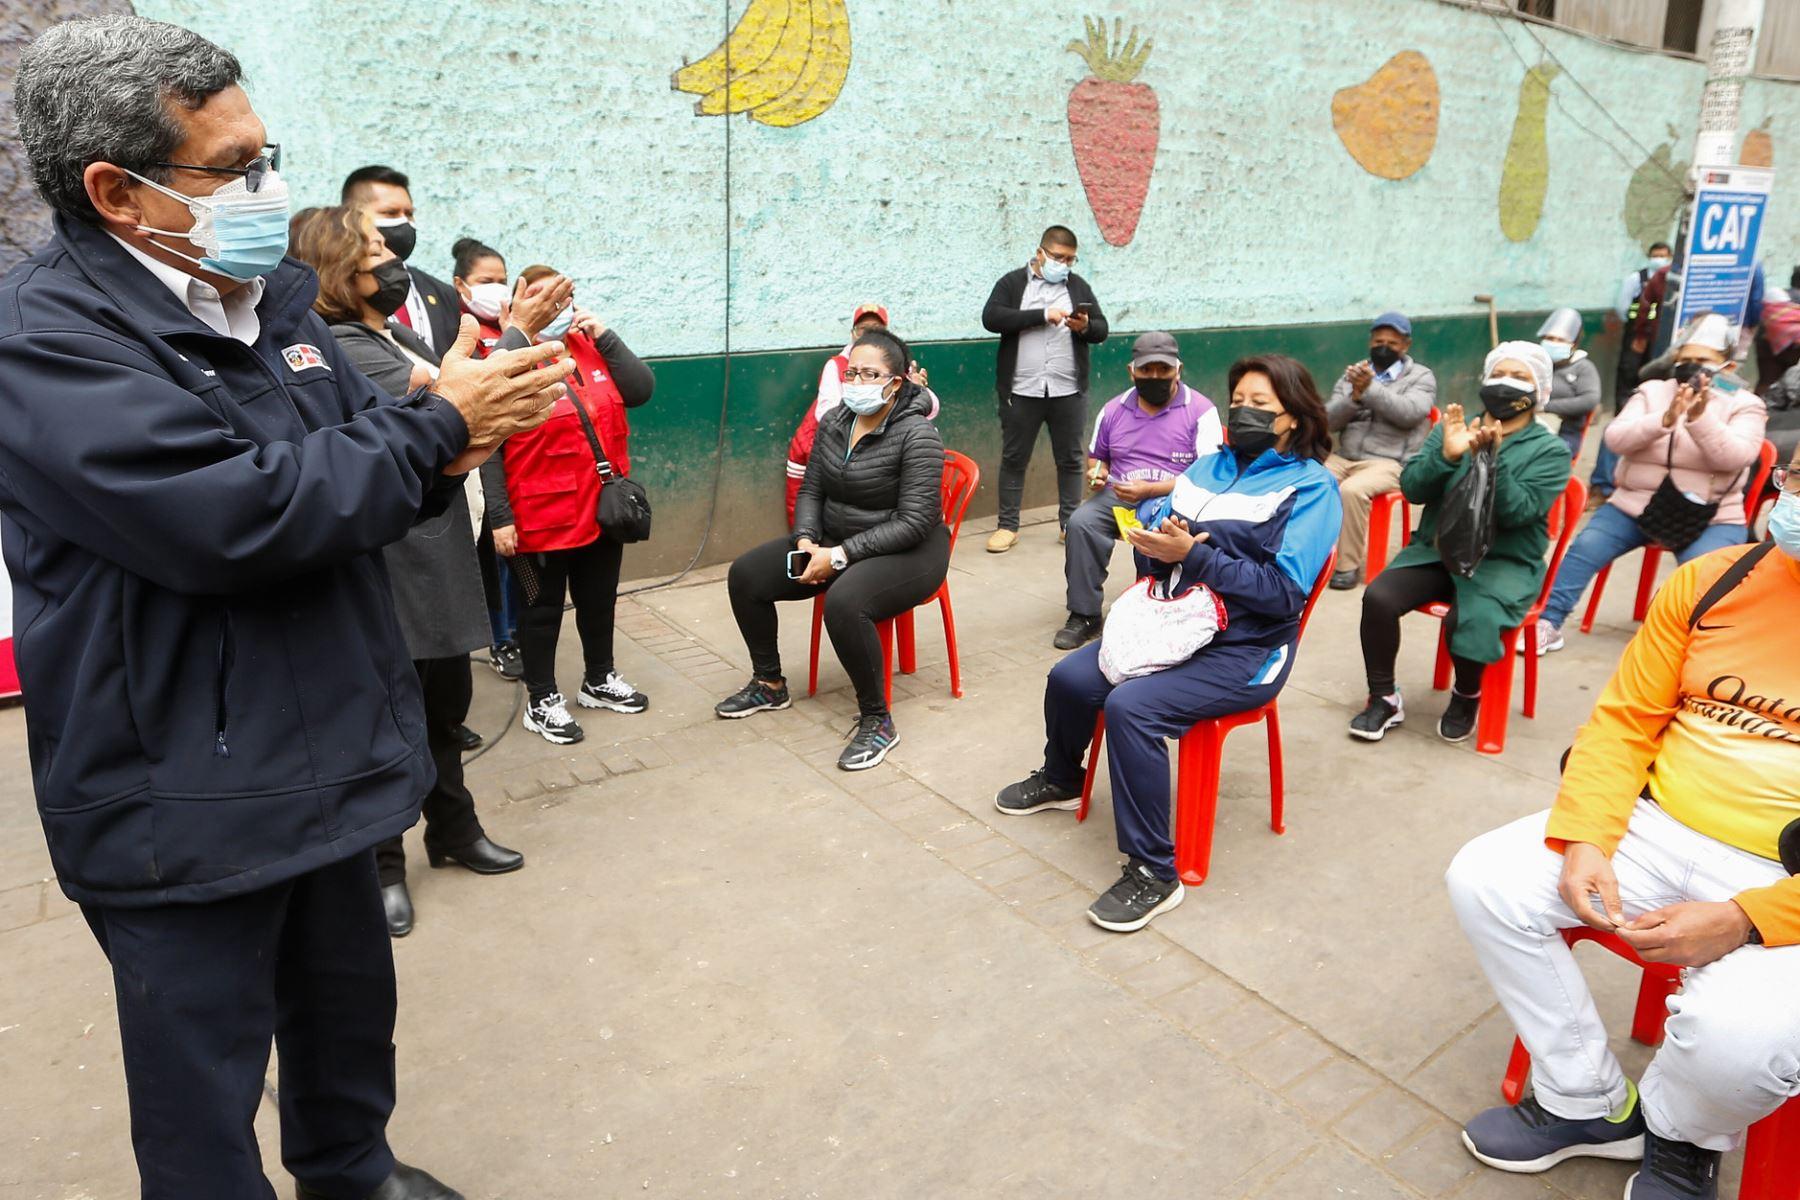 El ministro de Salud Hernando Cevallos, supervisa la toma de muestras moleculares a trabajadores del mercado de frutas de Caquetá. Foto: ANDINA/ MINSA